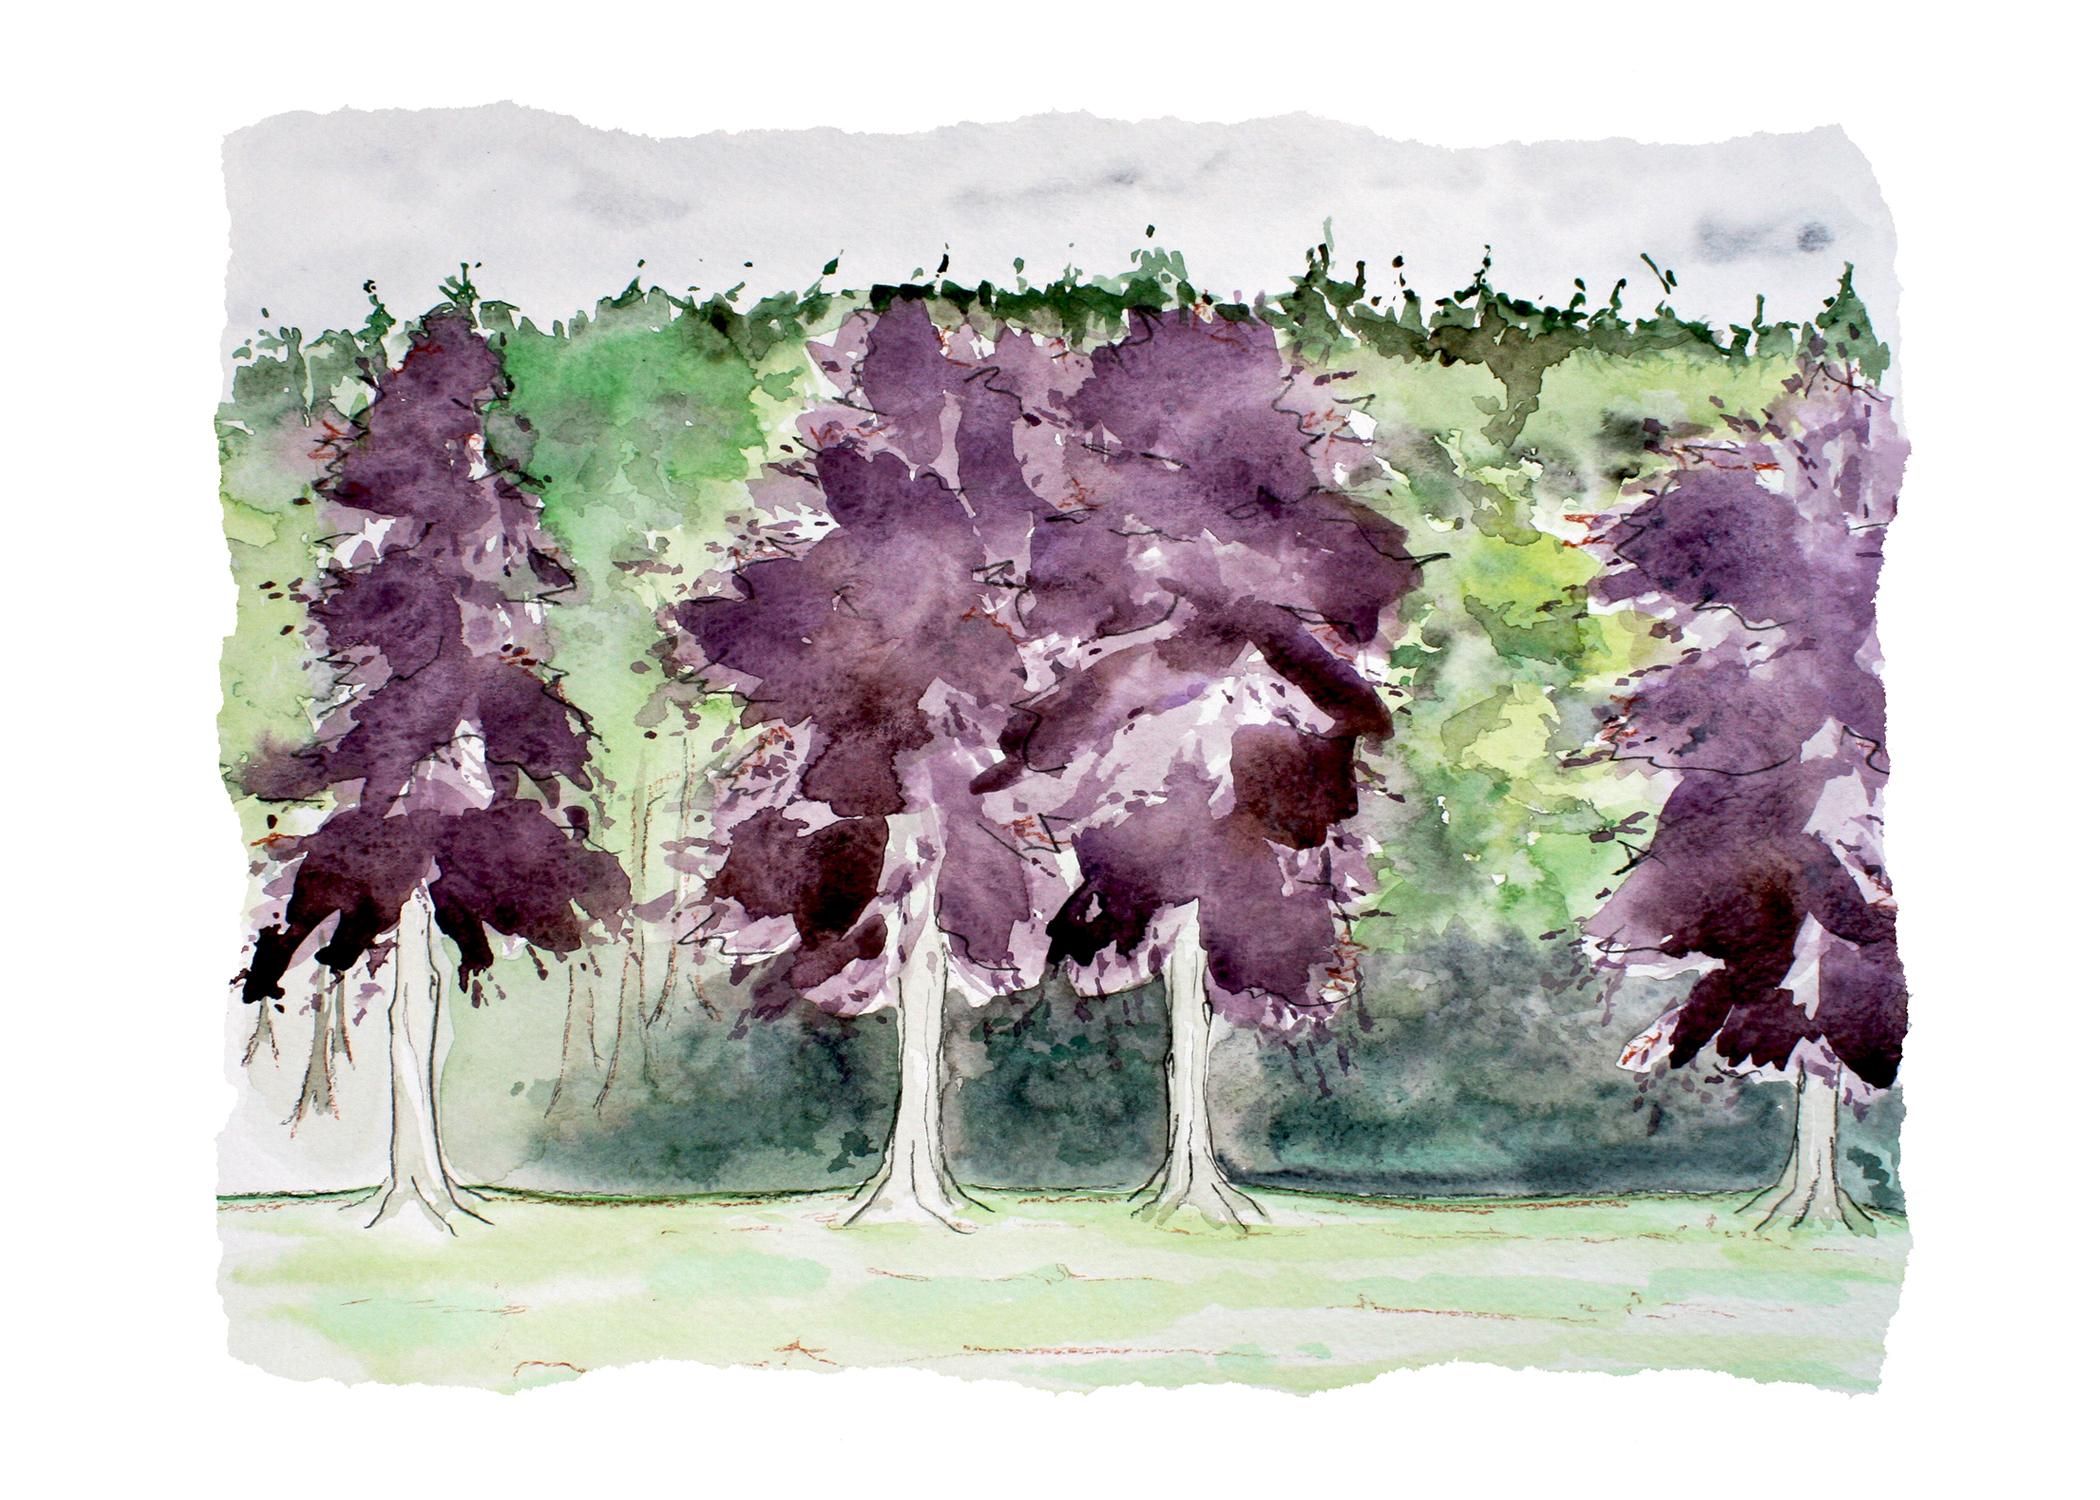 7x5-PurpleForest.jpg